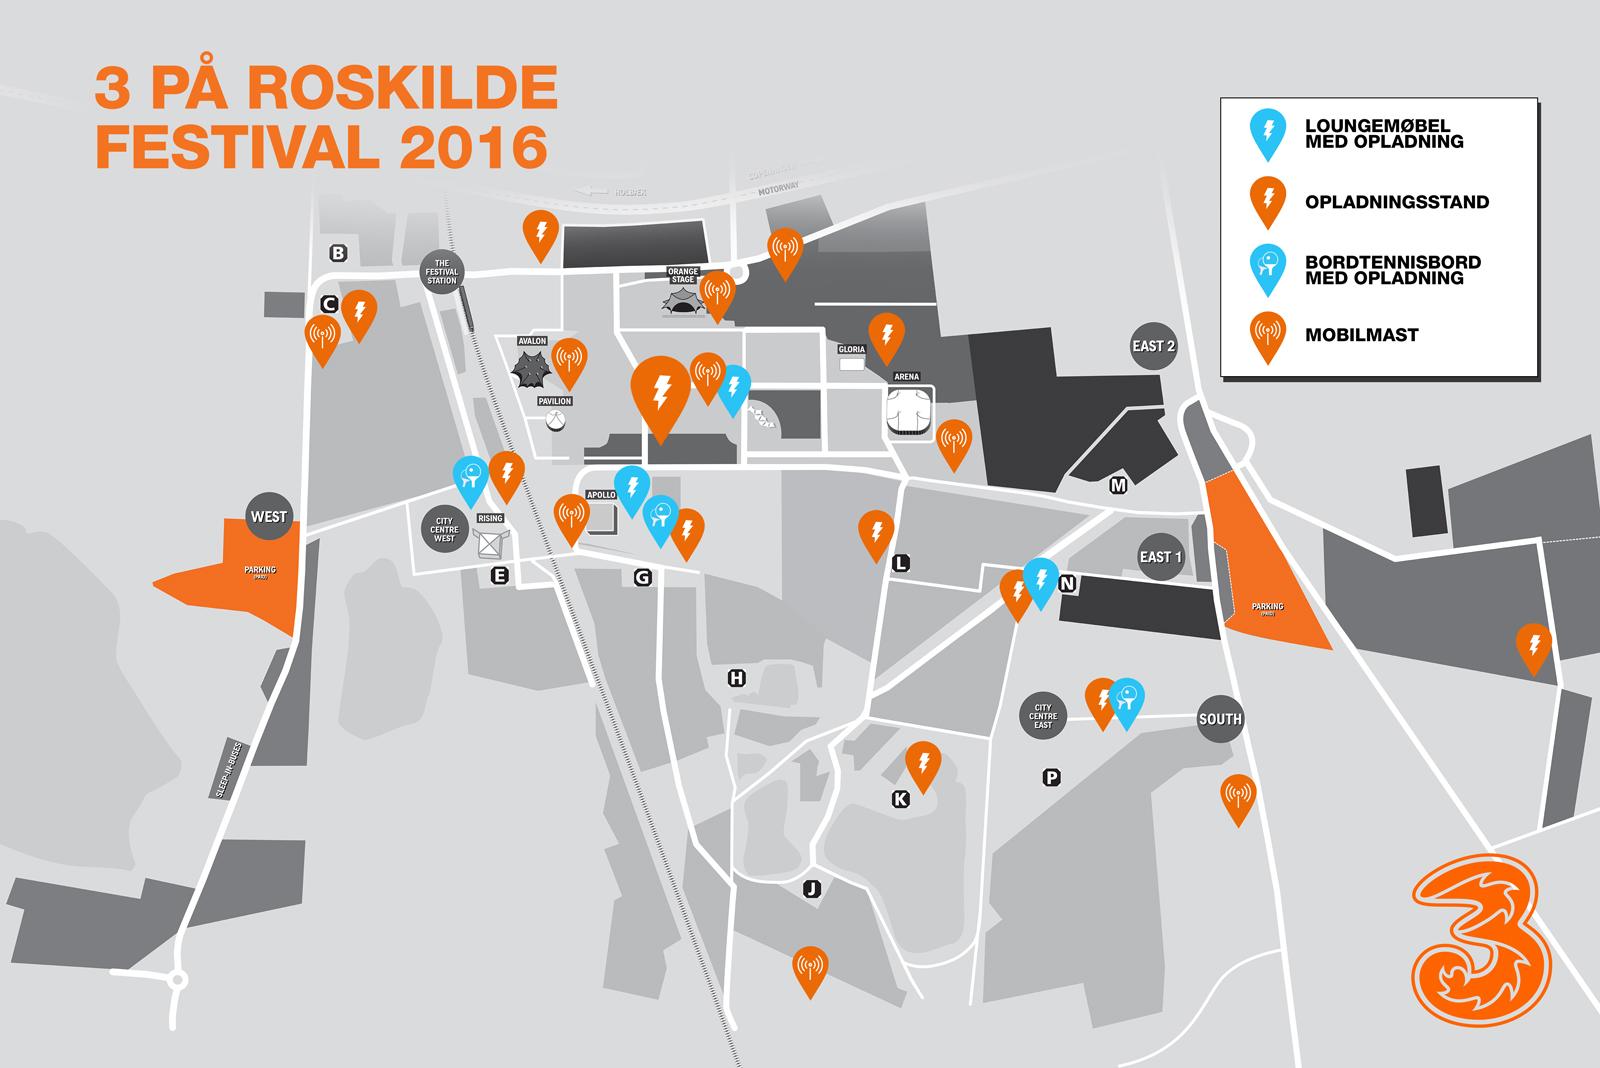 3 er klar til datastorm på Roskilde Festival